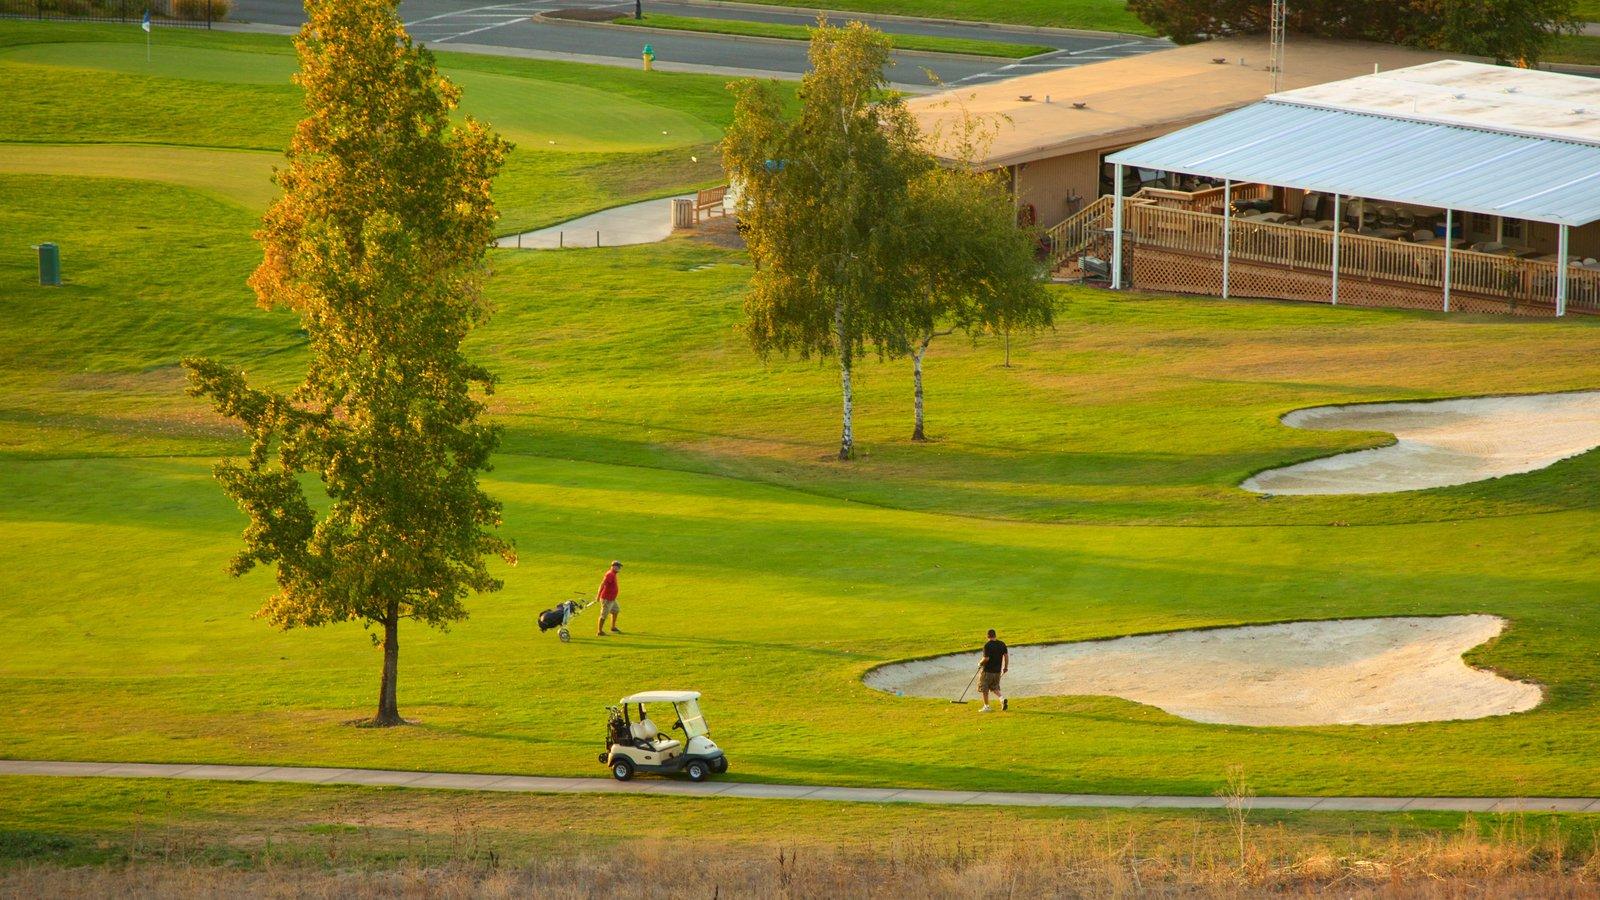 Medford que incluye vistas de paisajes y golf